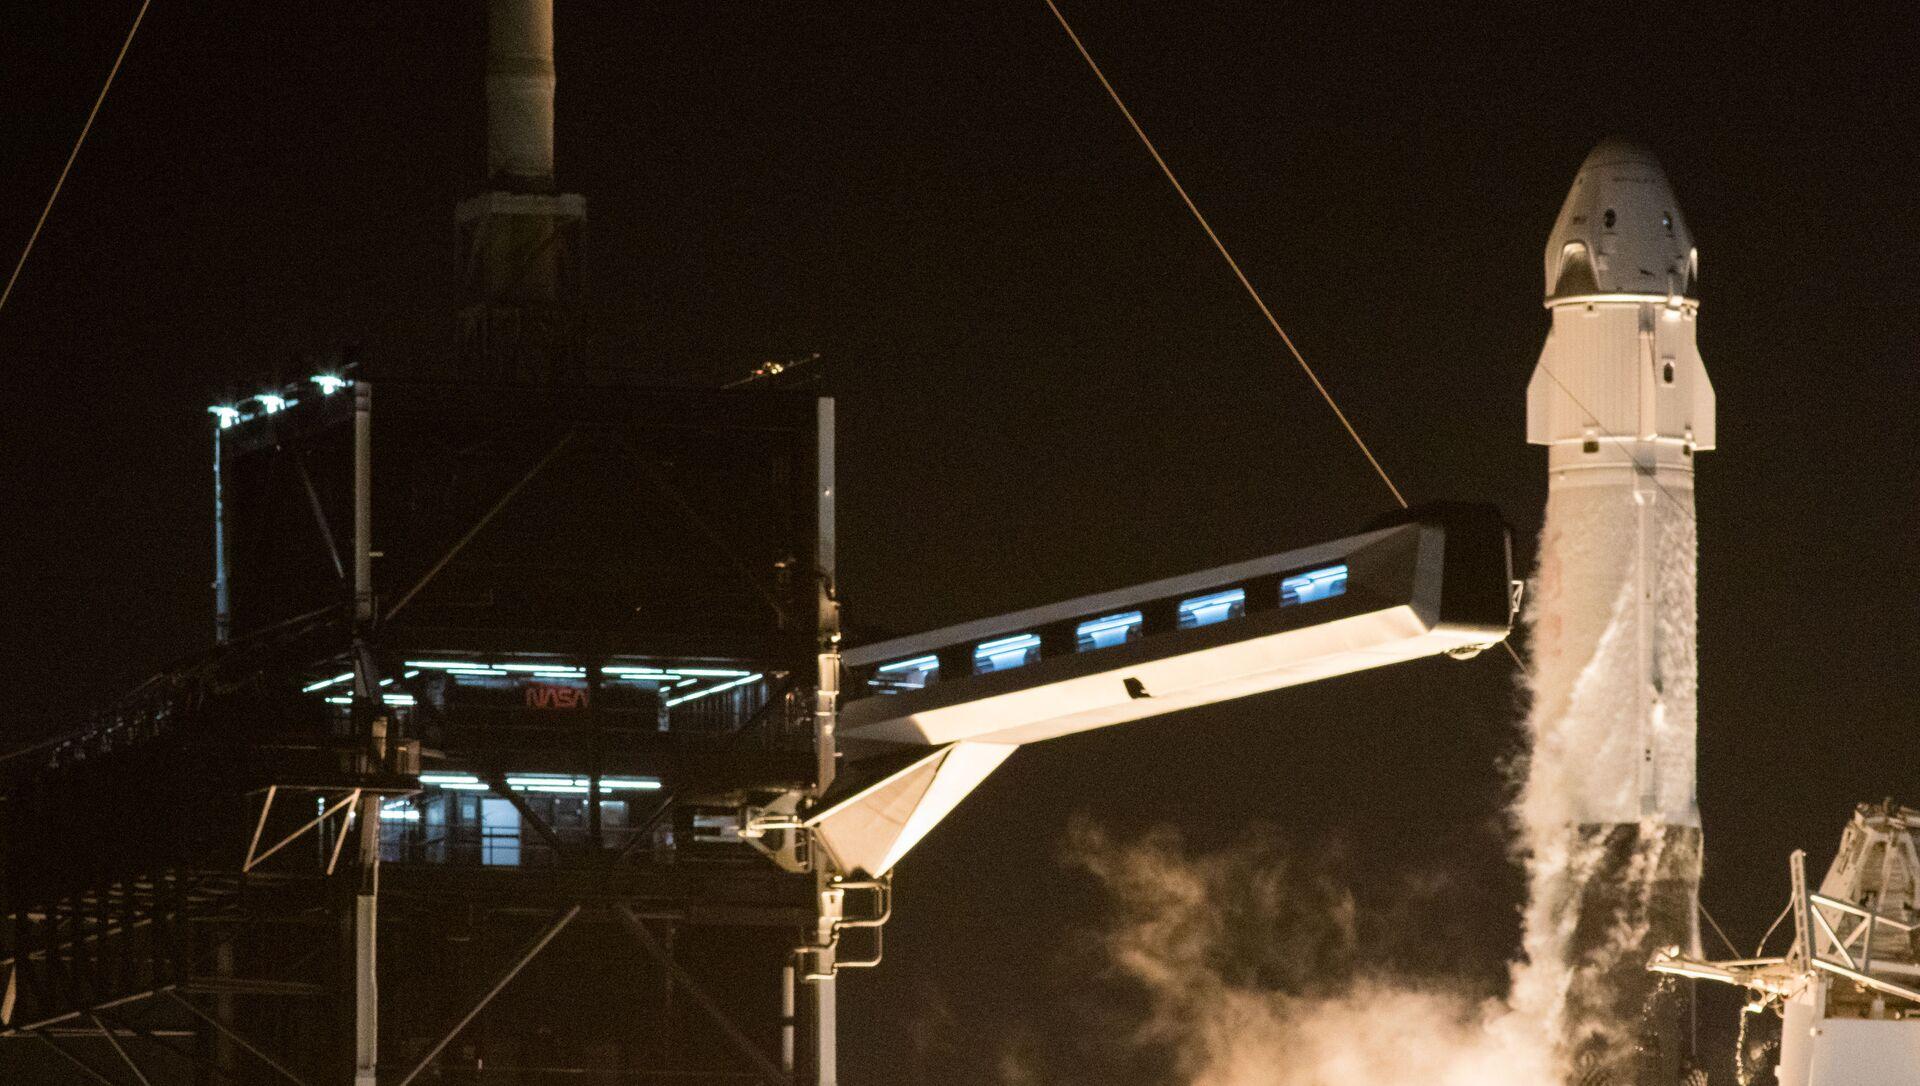 「クルードラゴン」 - Sputnik 日本, 1920, 09.10.2021